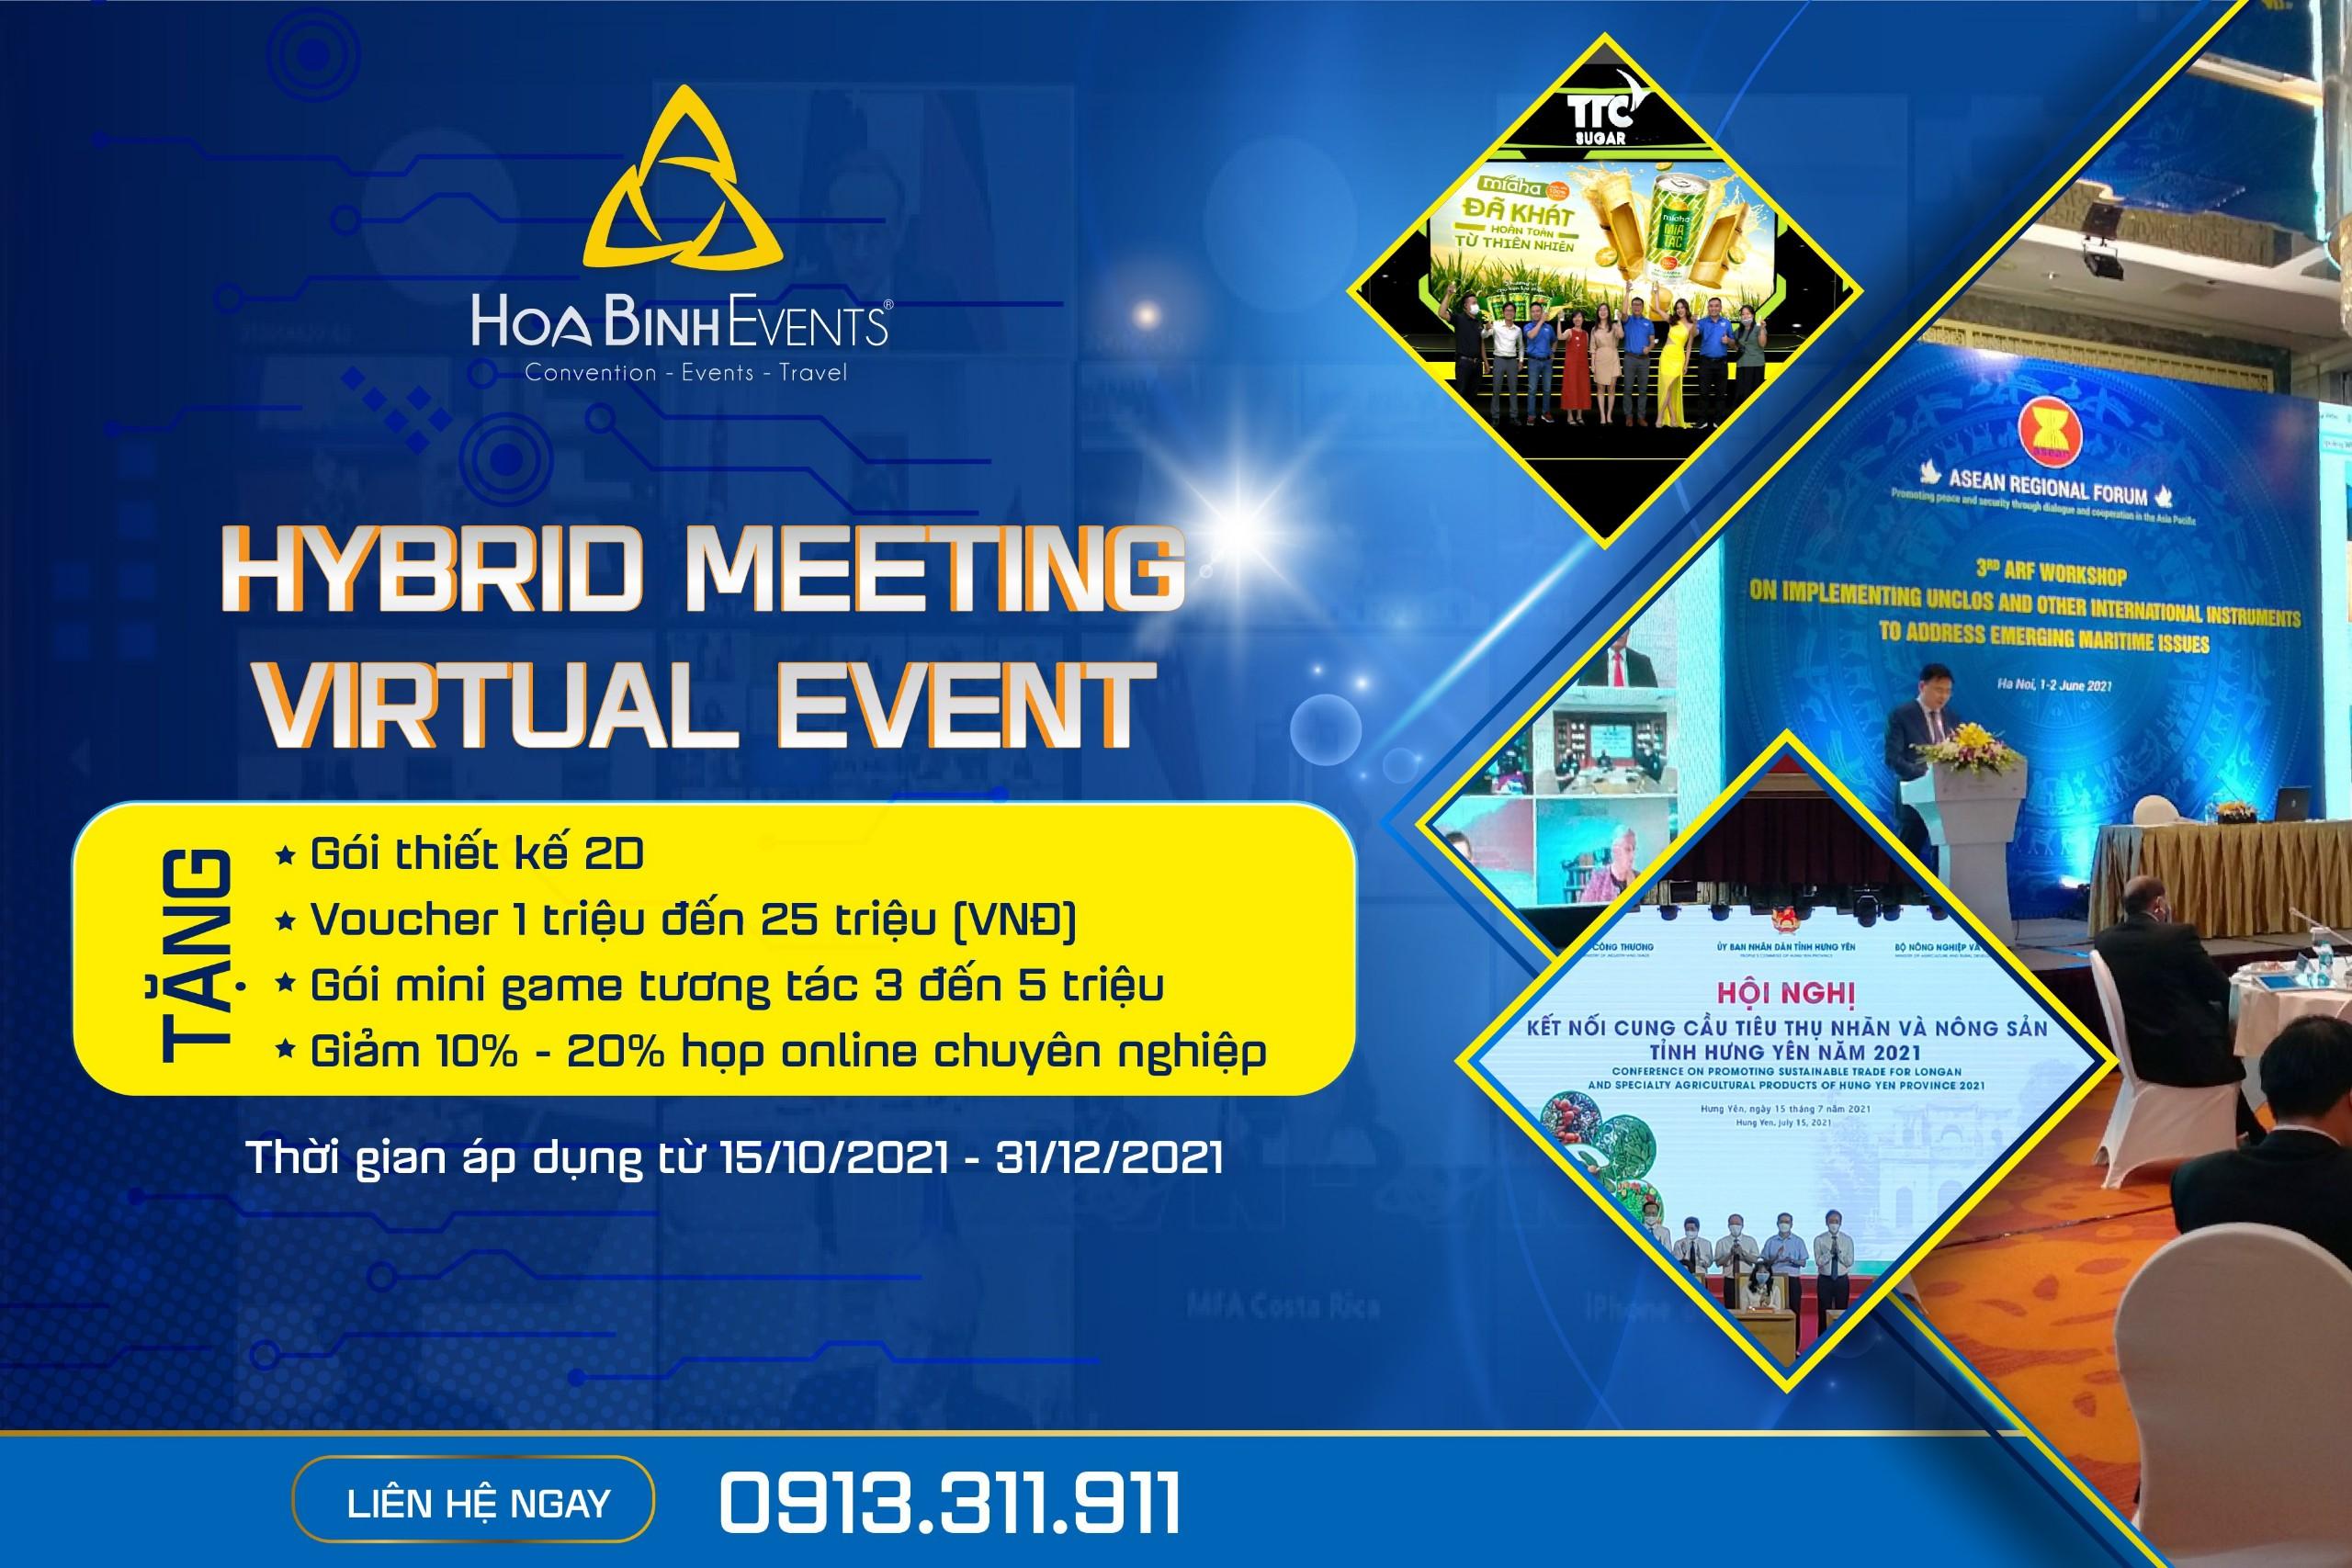 Ưu đãi lớn tại HoaBinh Events với dịch vụ tổ chức Hybrid meeting